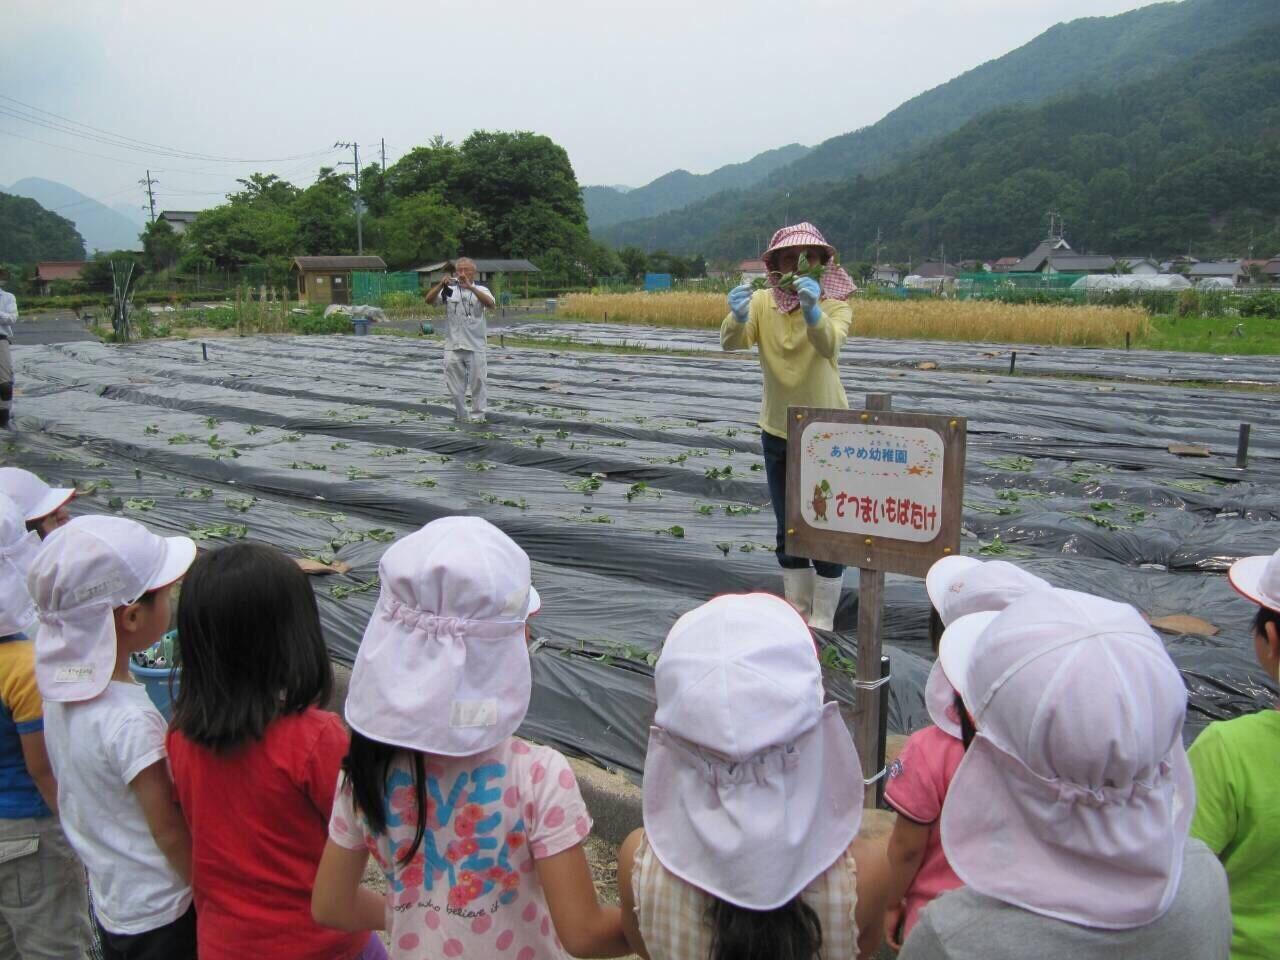 芋の苗植えバスの旅_f0324461_10590348.jpg